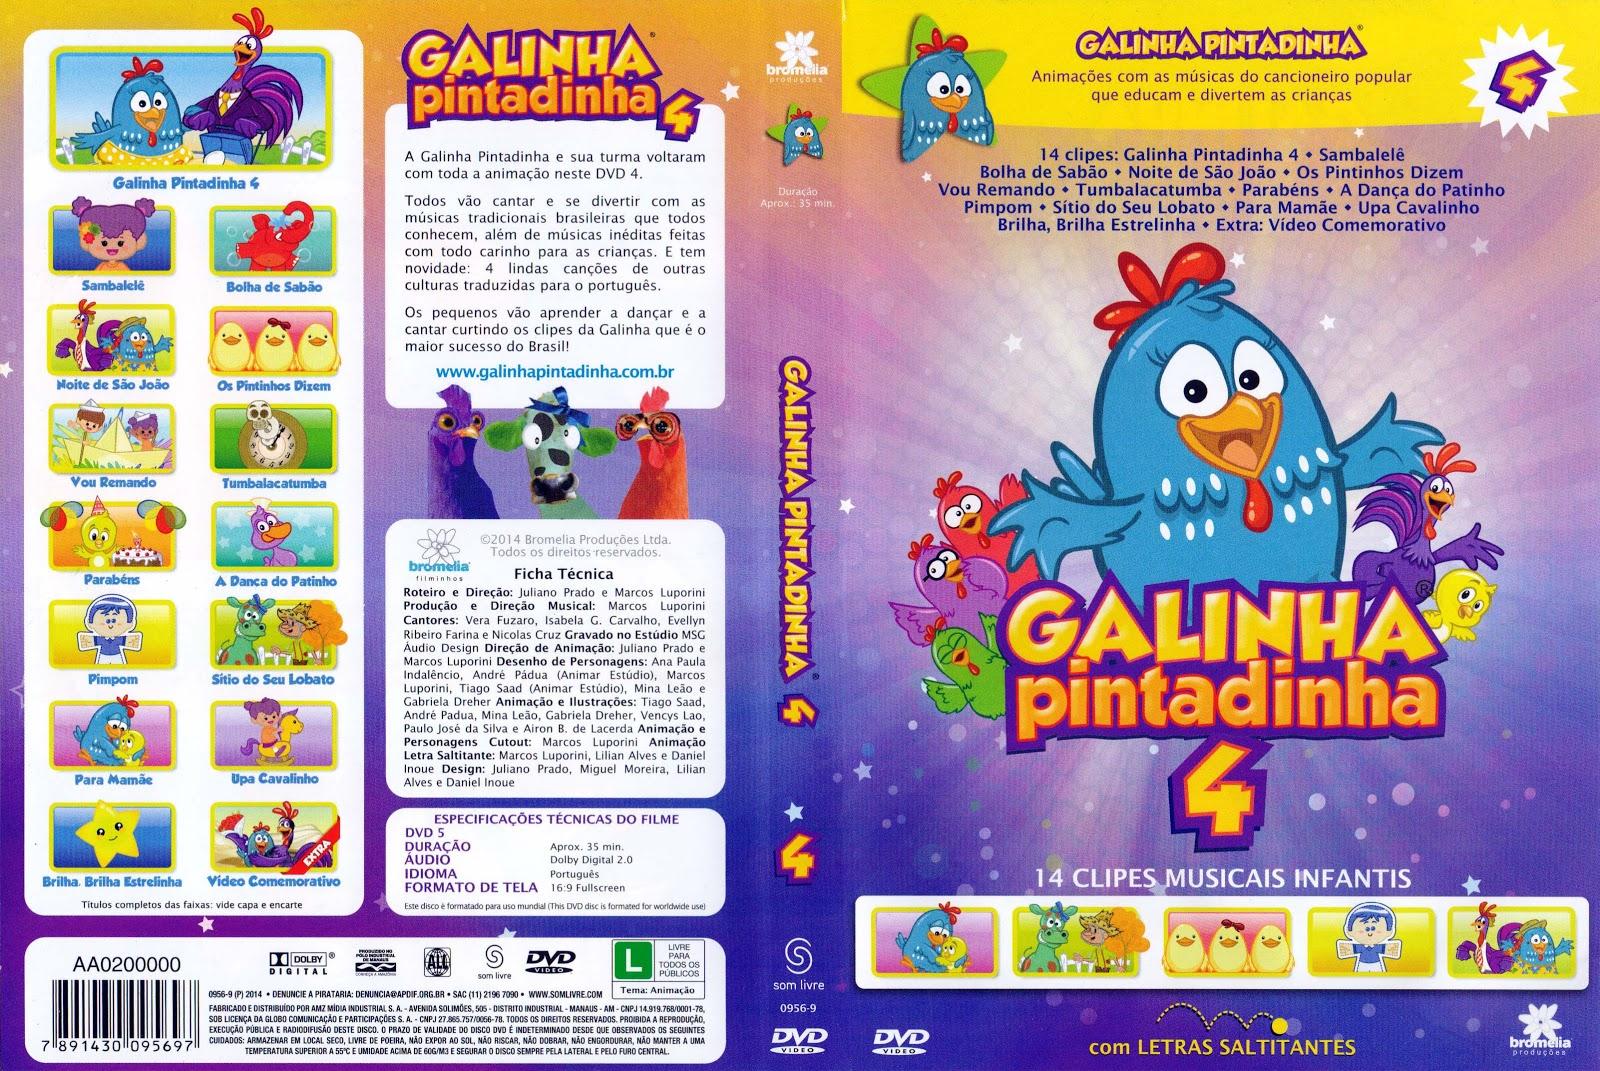 Capa DVD Galinha Pintadinha 4